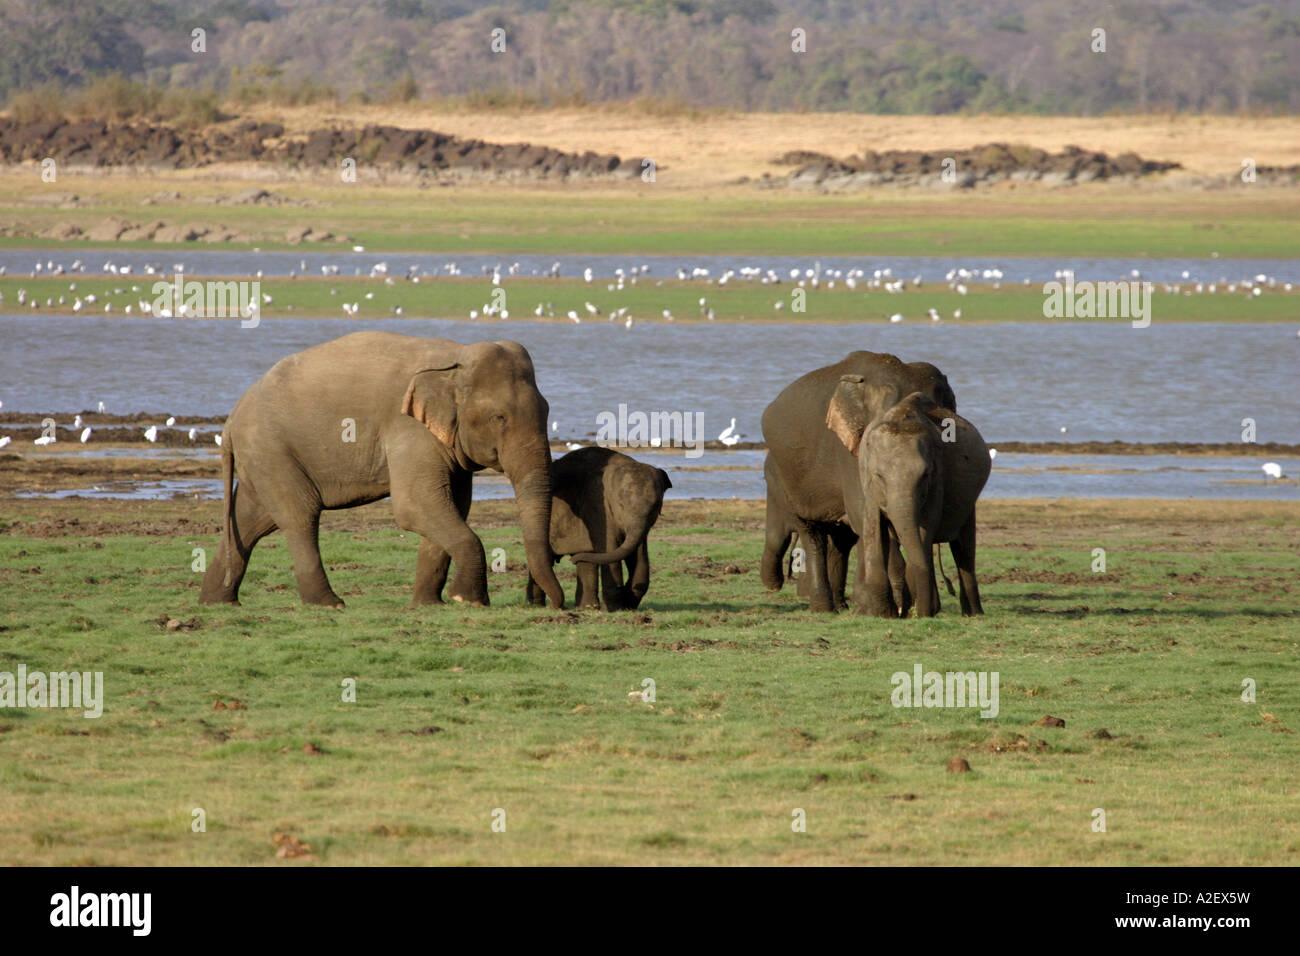 Sri Lanka elephants - A family of Asian elephants, Elephas maximus maximus, Minneriya National Park, Sri Lanka Asia - Stock Image